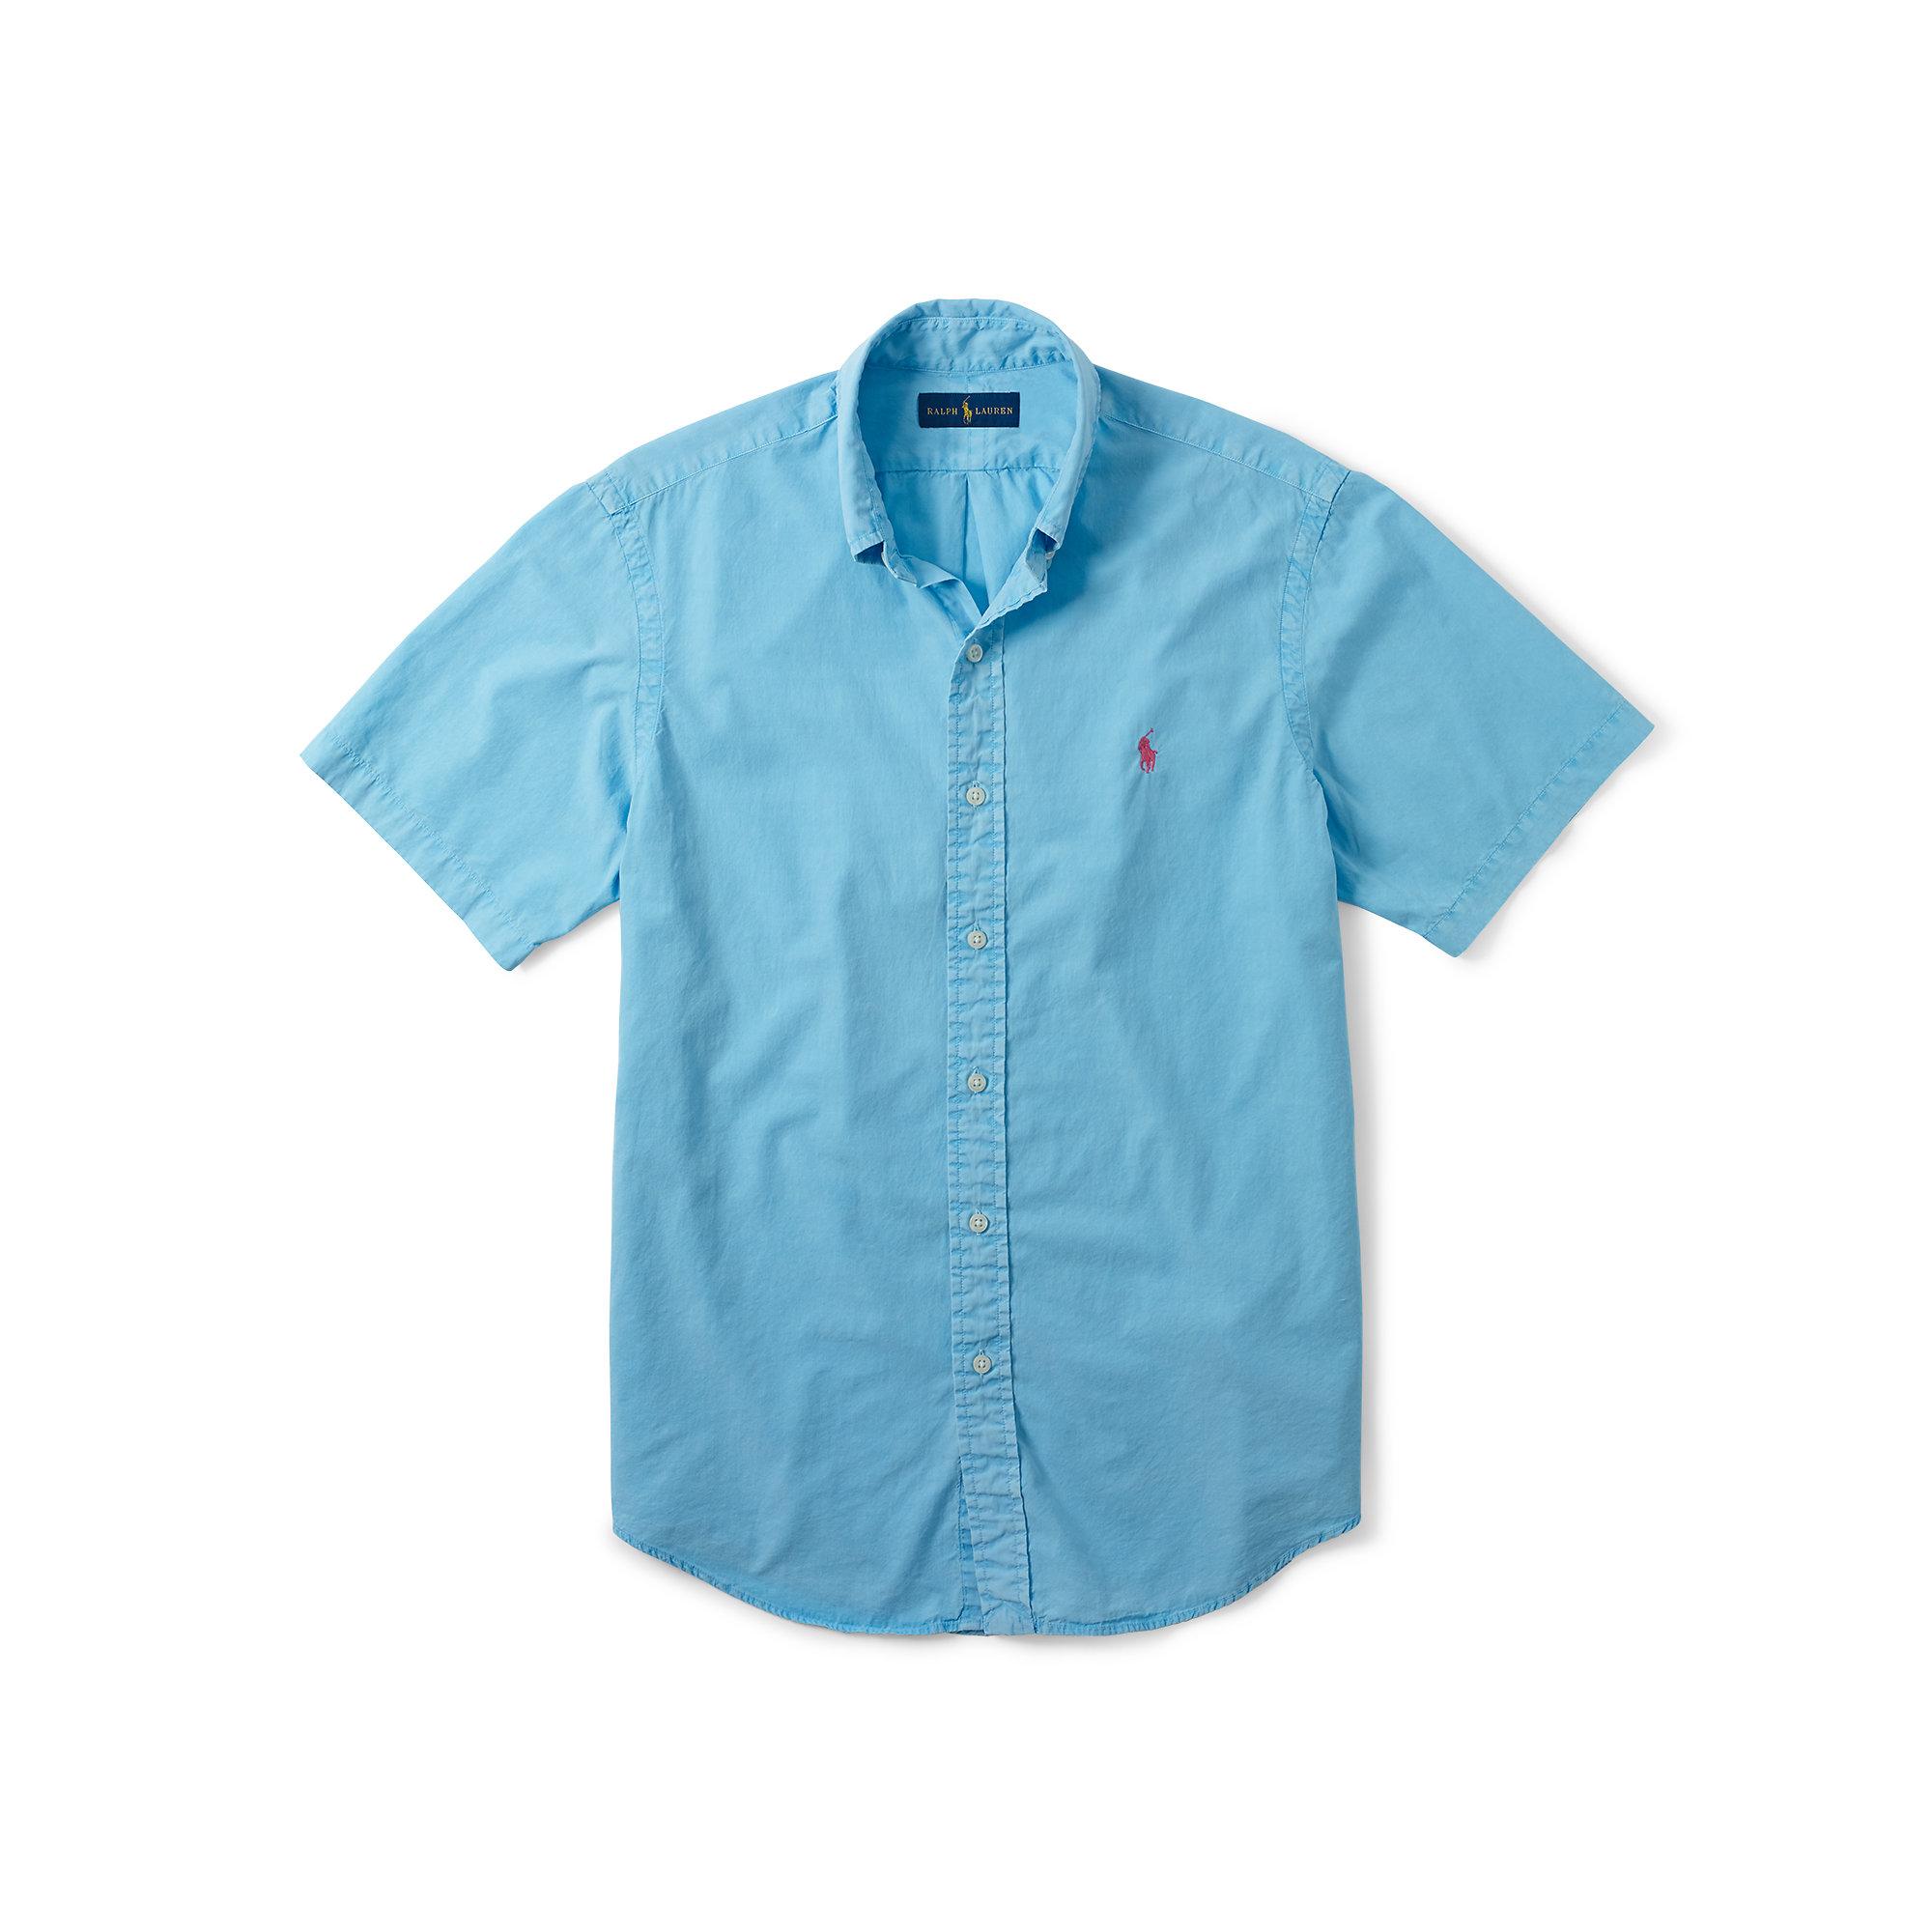 Polo Ralph Lauren Cotton Silk Short Sleeve Shirt In Blue